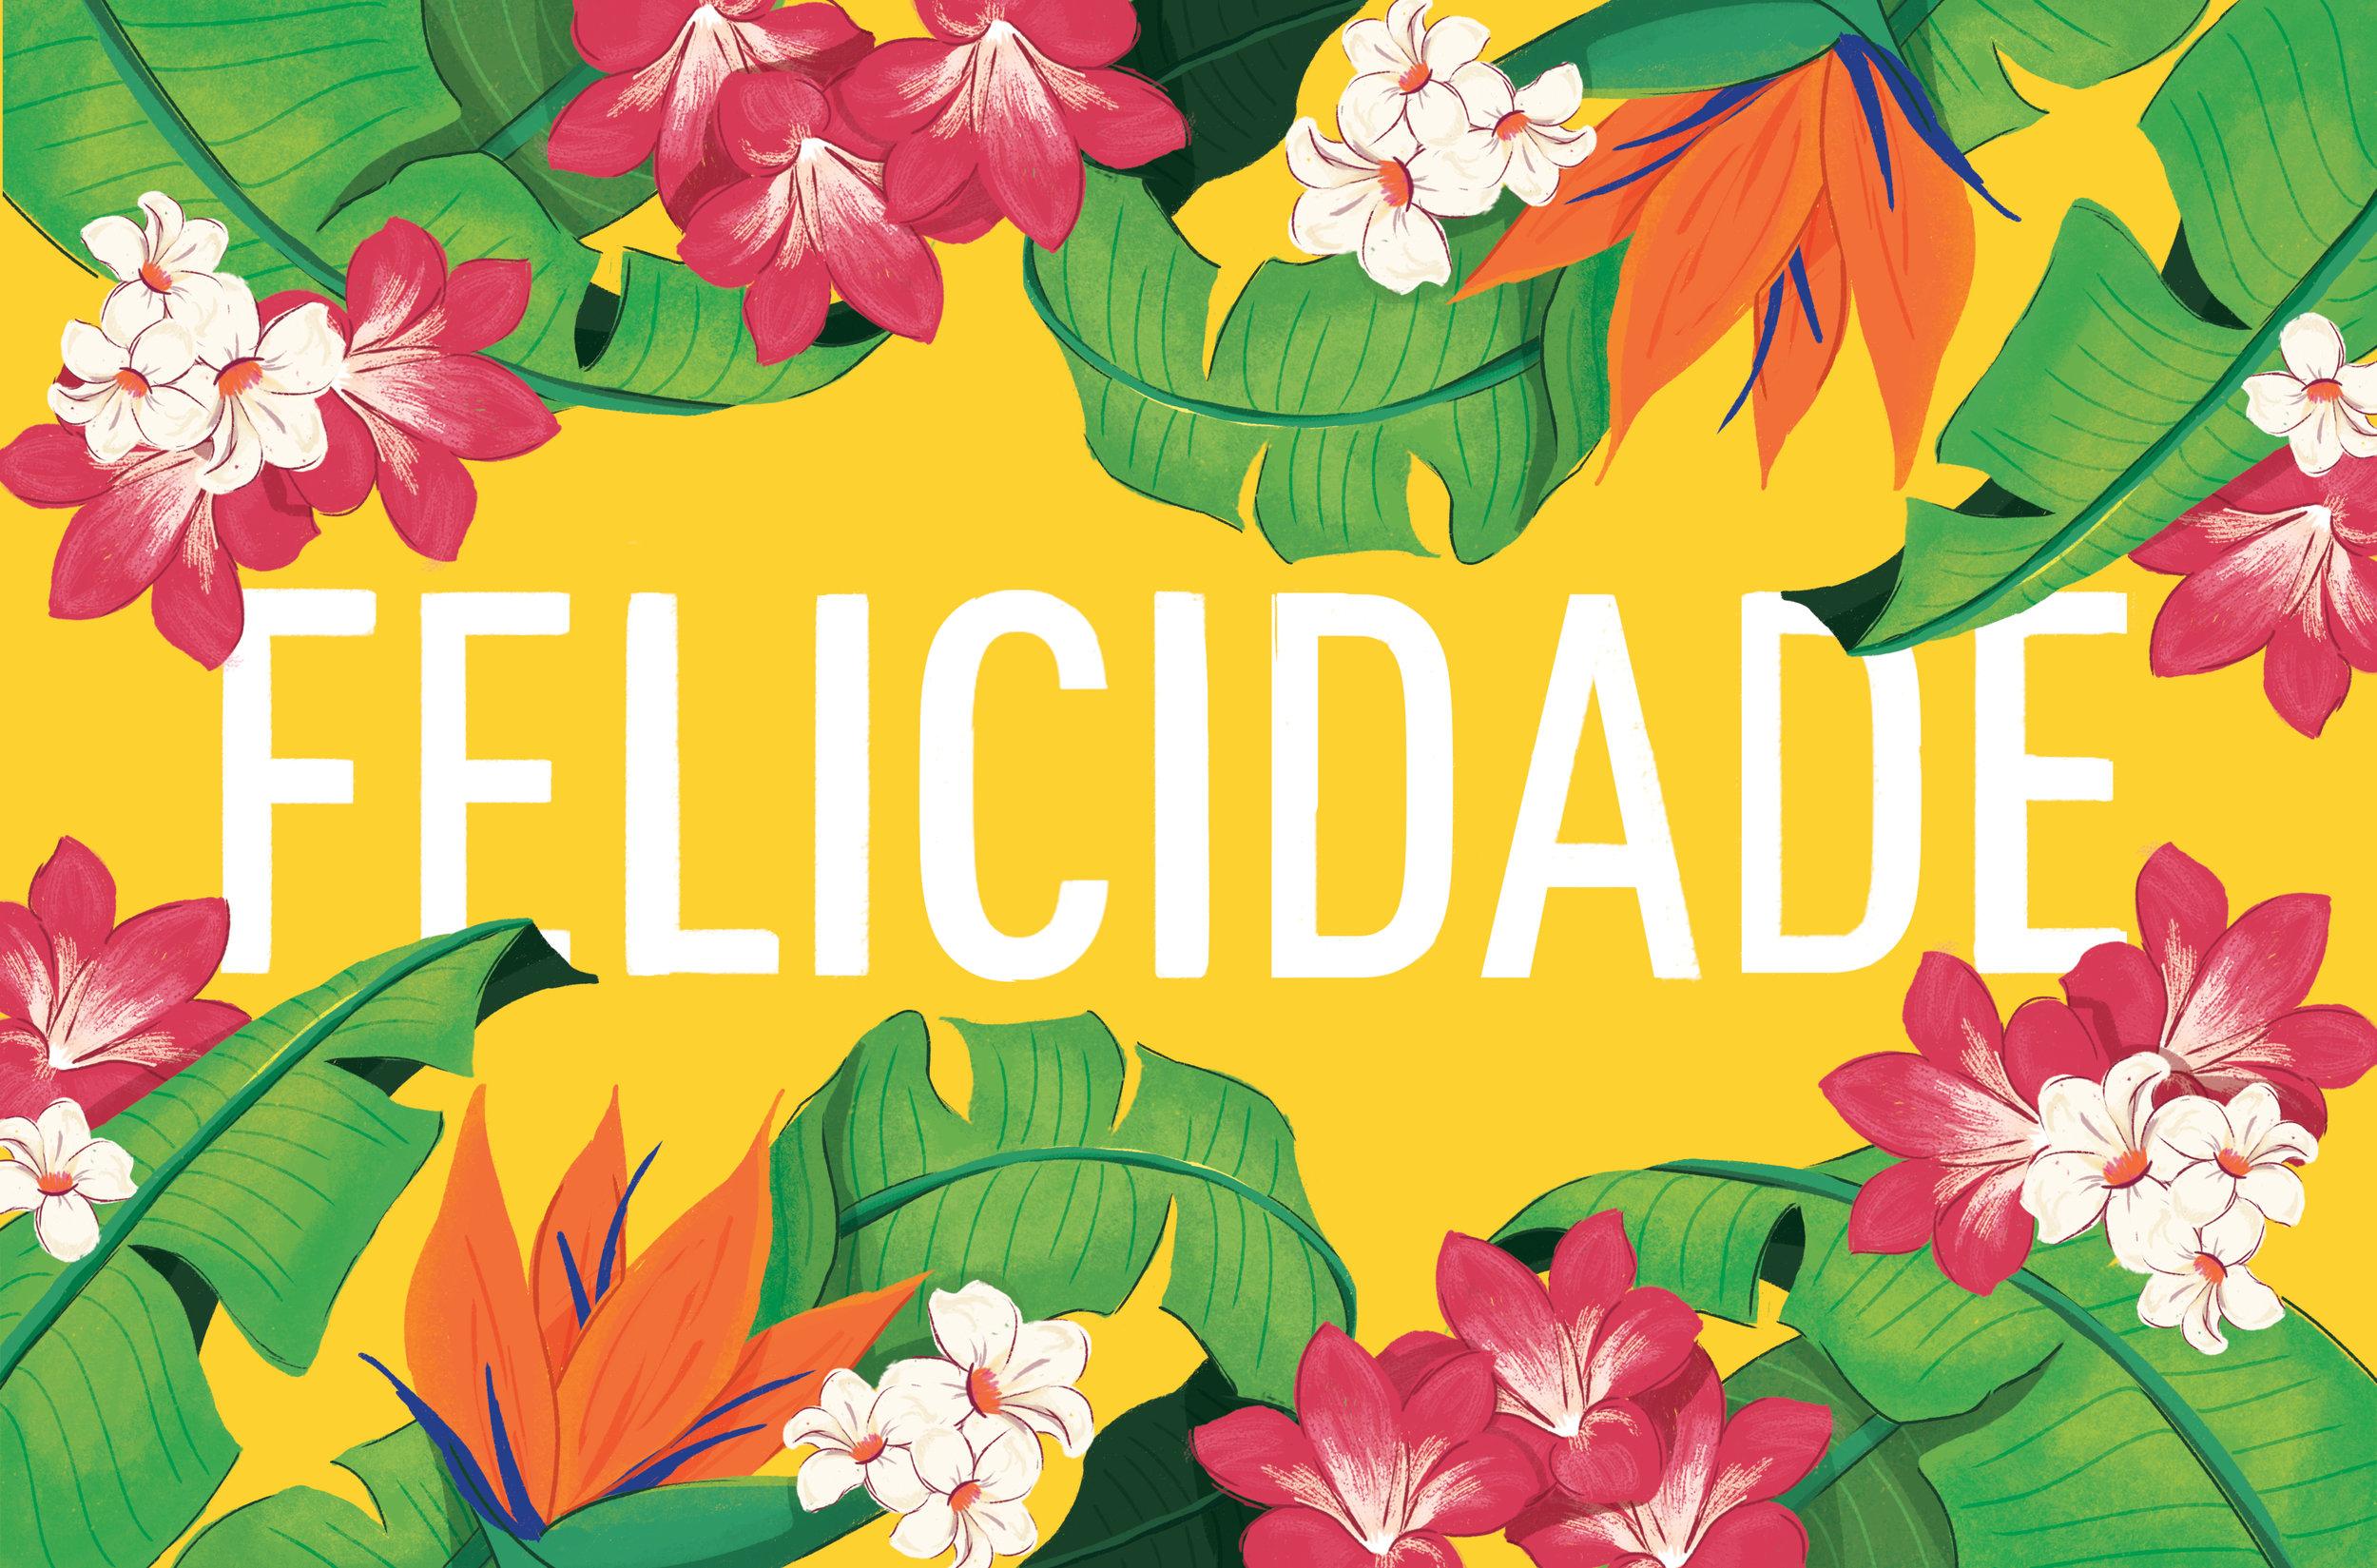 Felicidade_la01.jpg